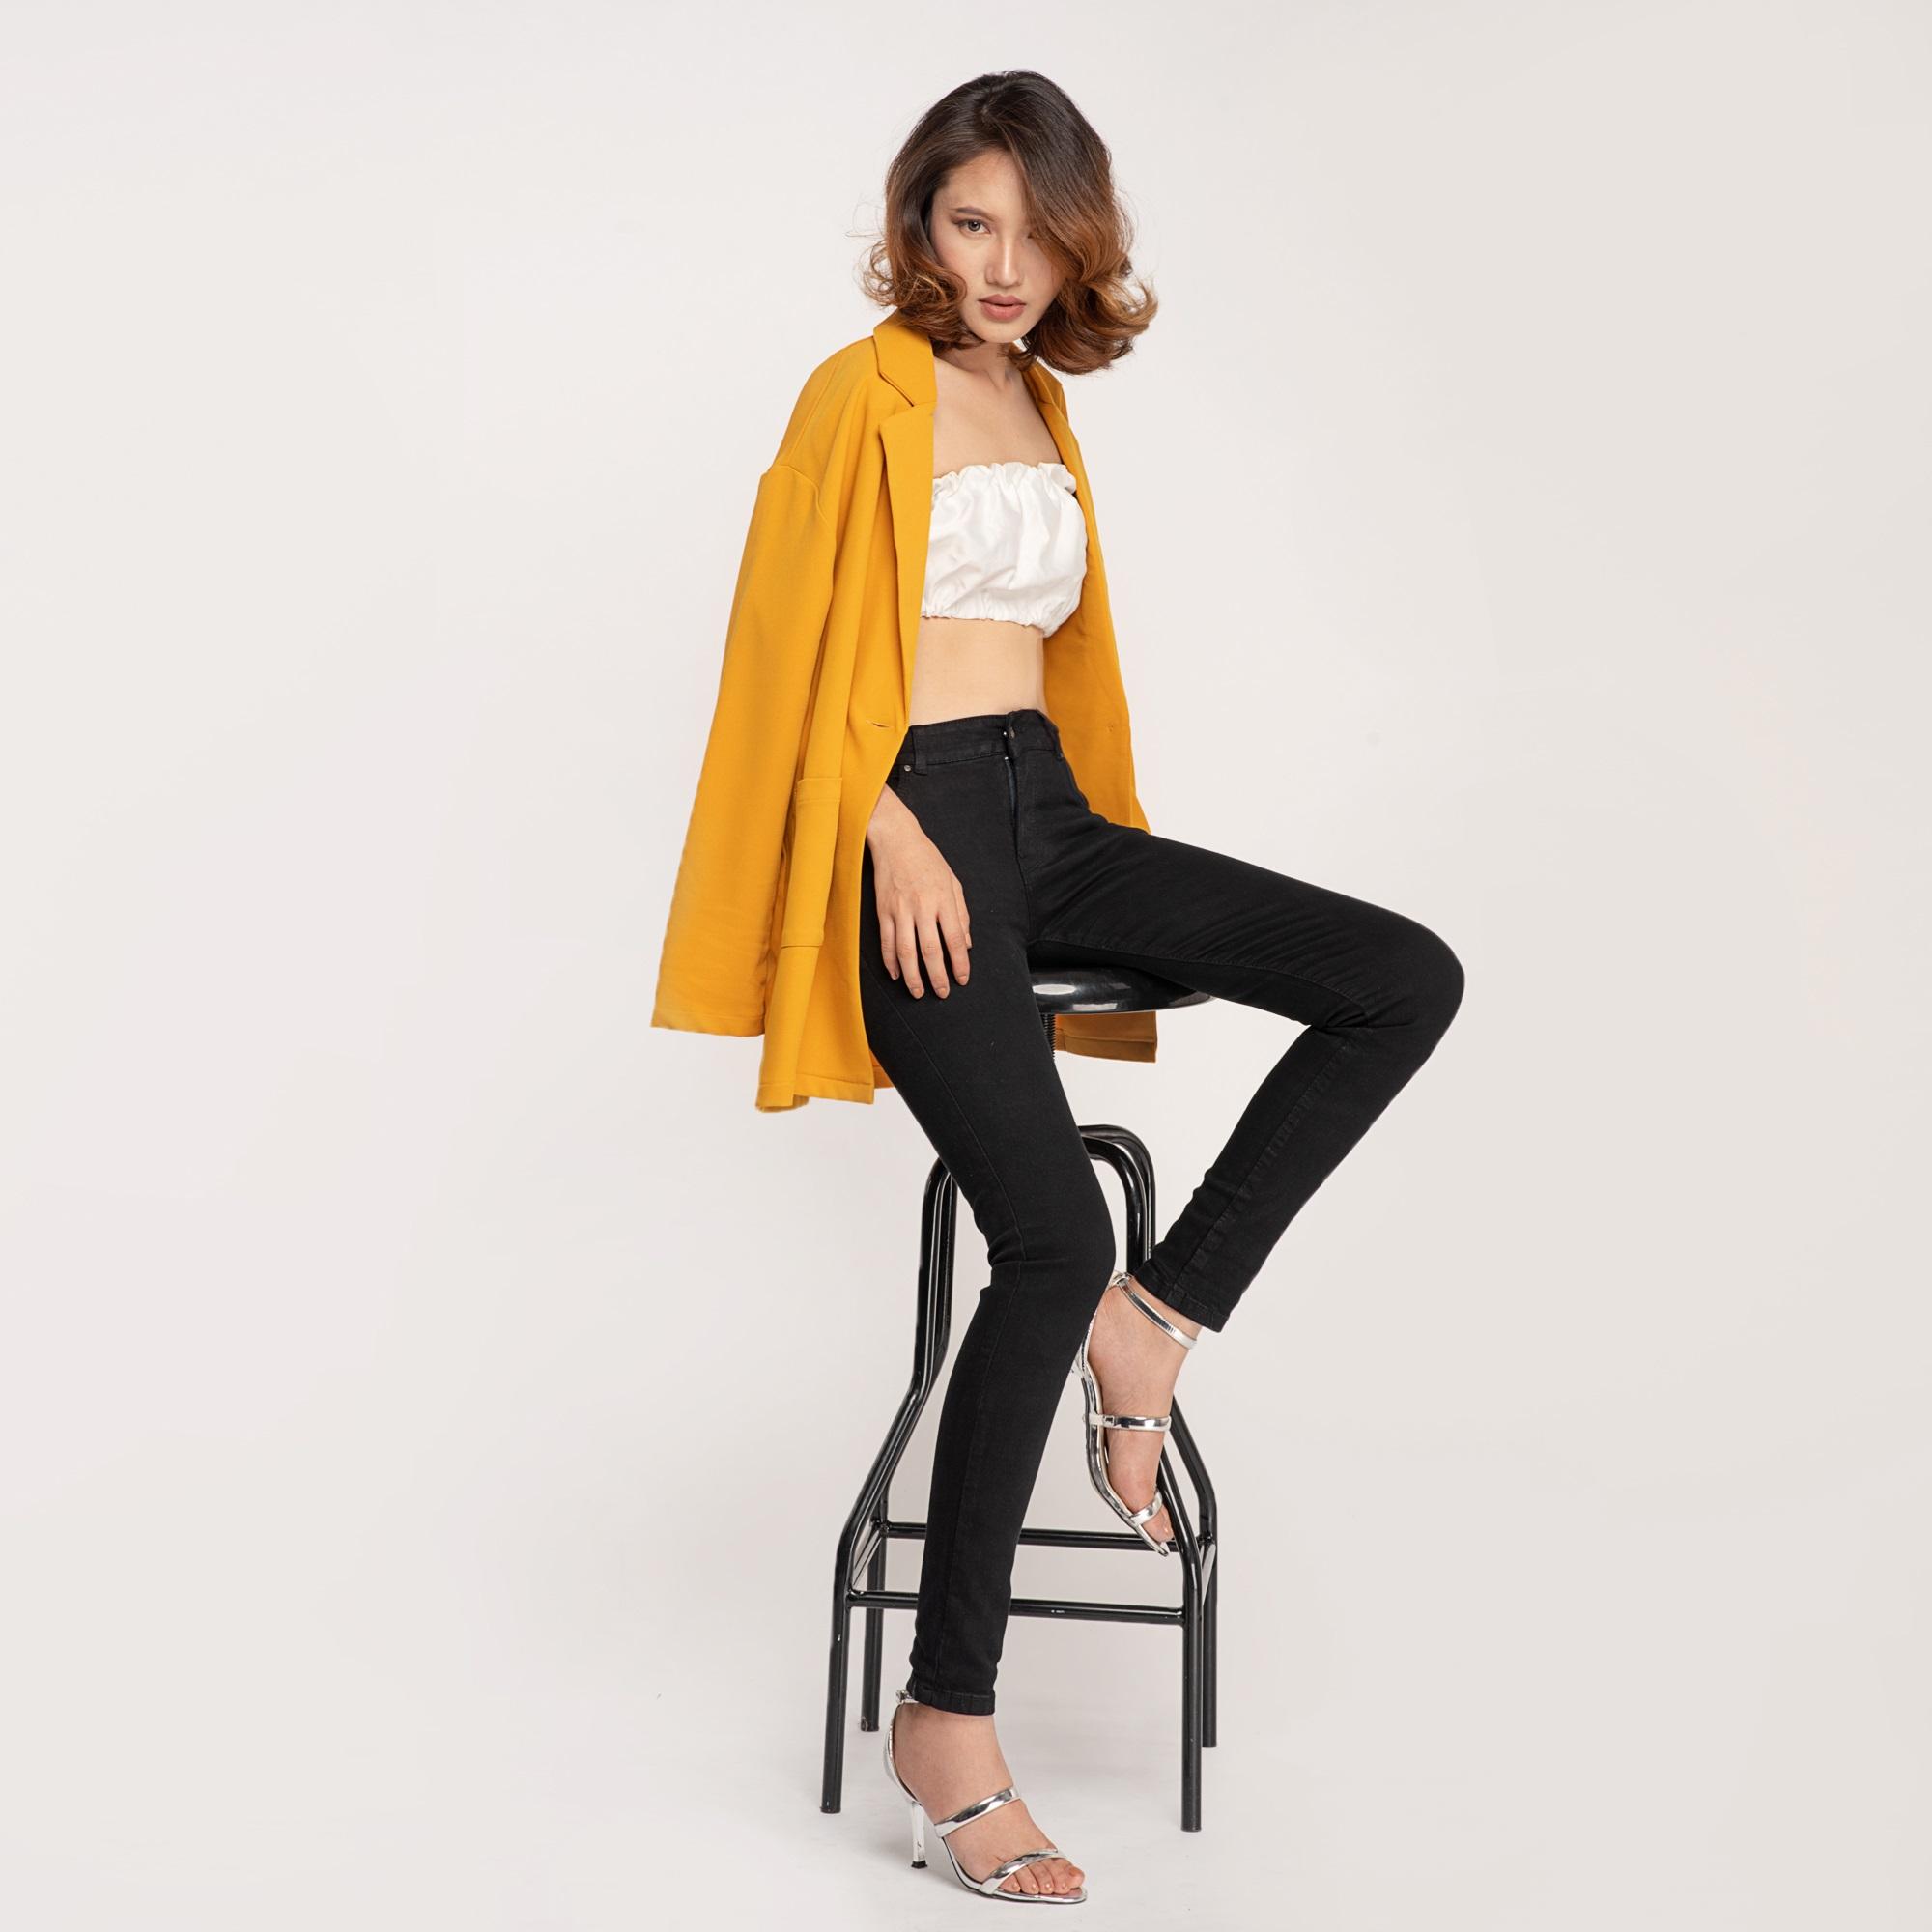 Quần Jean Nữ Skinny Lưng Vừa Aaa Jeans Có Nhiều Màu Size 26 - 32 13